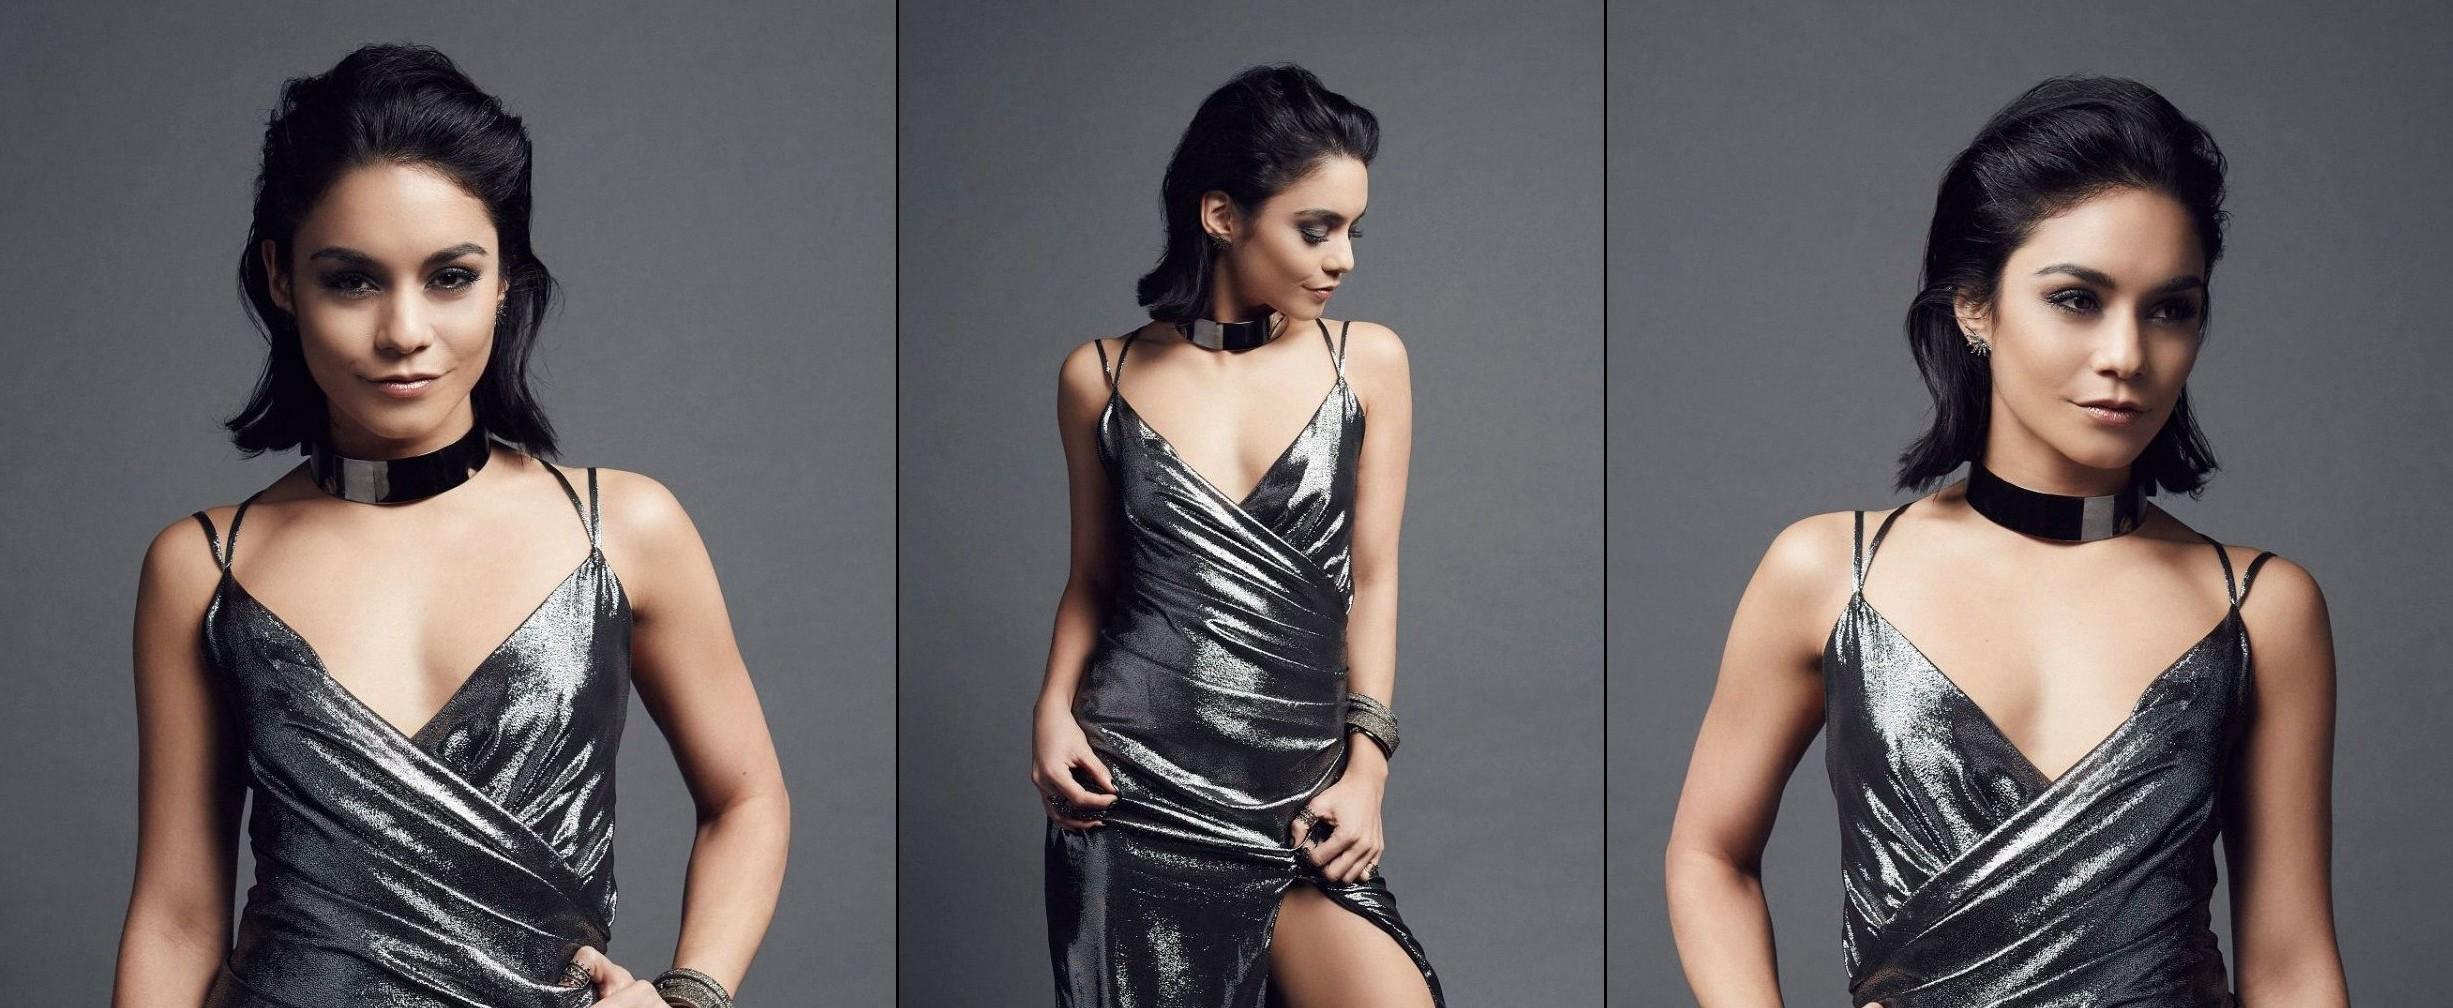 Hintergrundbilder : Frau, Modell-, Collage, Berühmtheit, Sänger ...